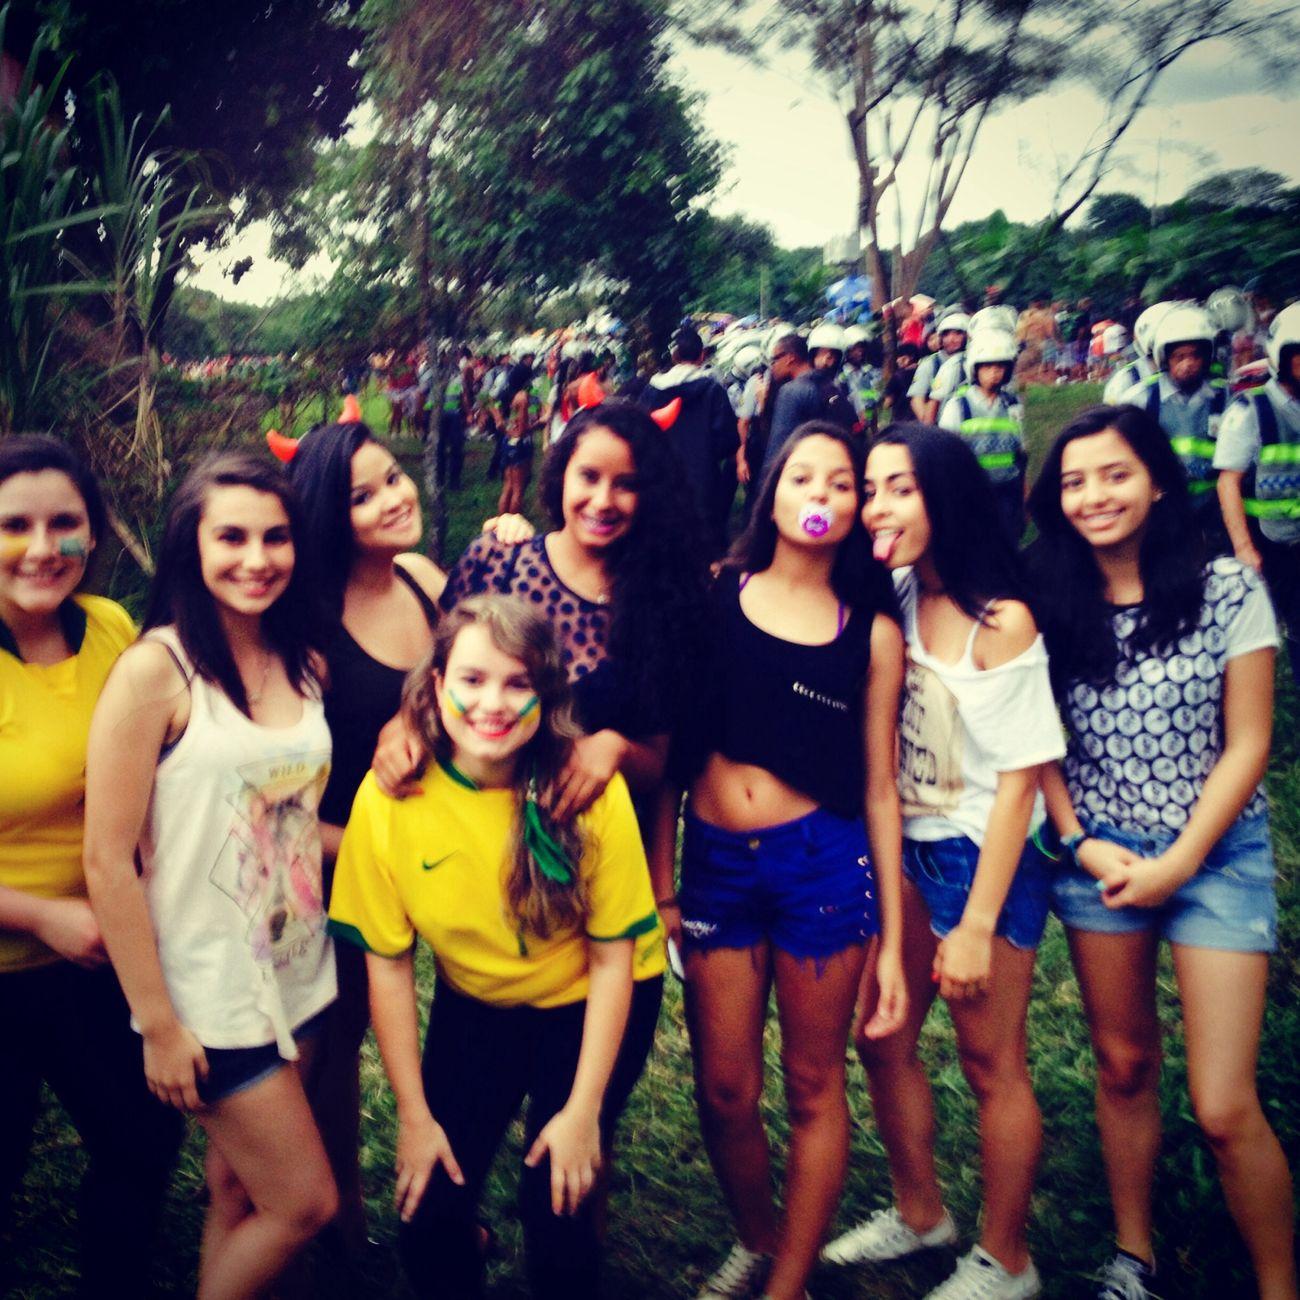 Raparigueiros com elas !! S2 Carnaval 2014 Bloco Dos Raparigueiros Karoliinesouzaa Brasília